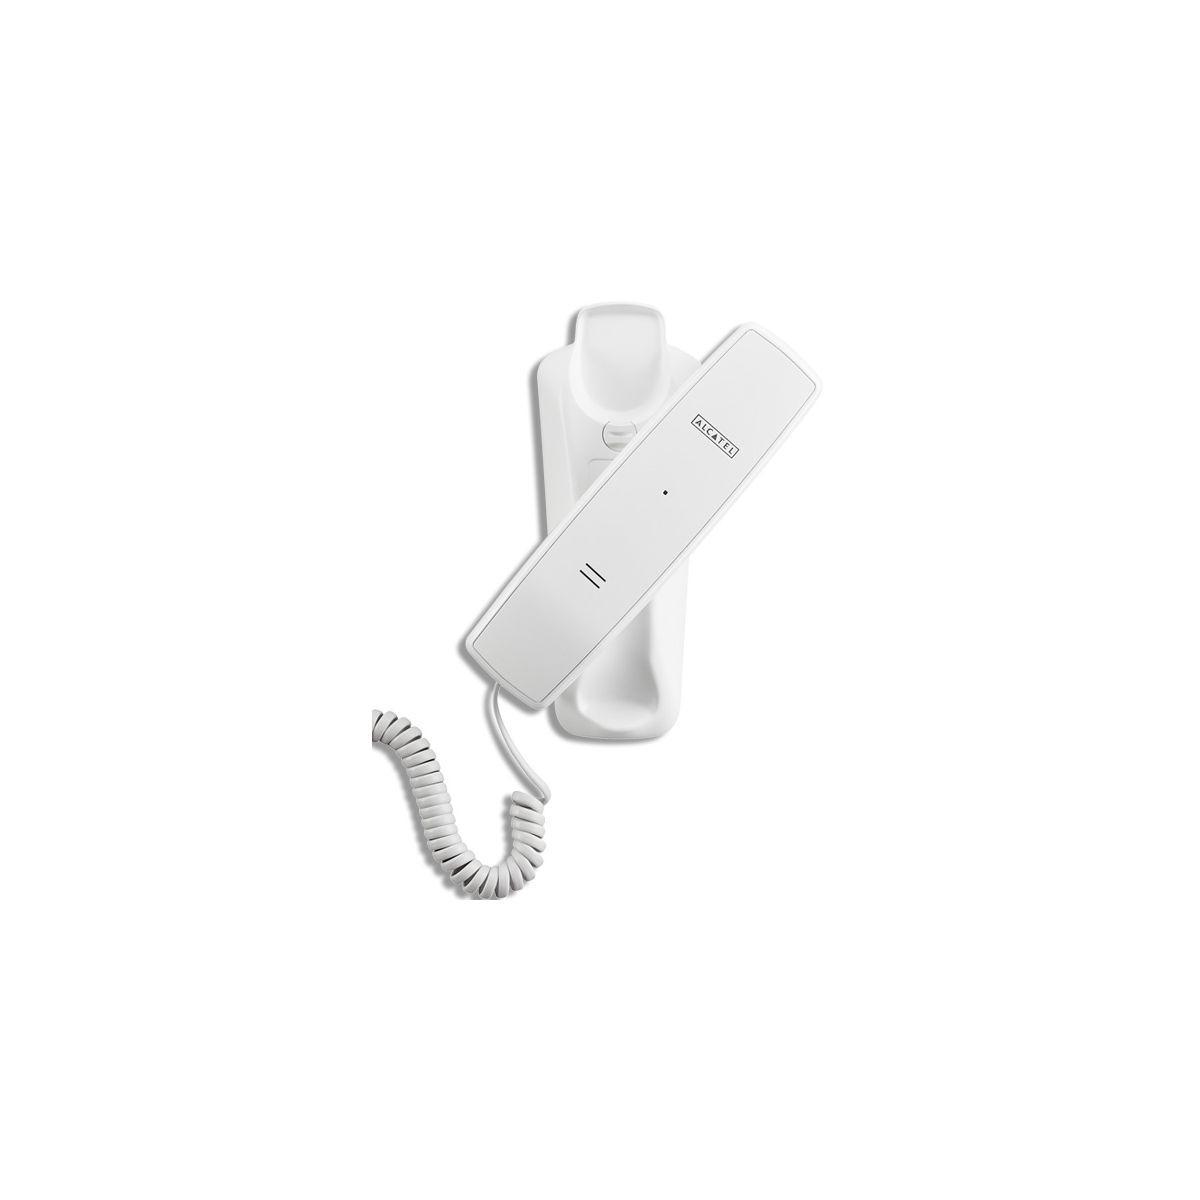 Téléphone filaire alcatel temporis 10 blanc - 2% de remise immédiate avec le code : cool2 (photo)